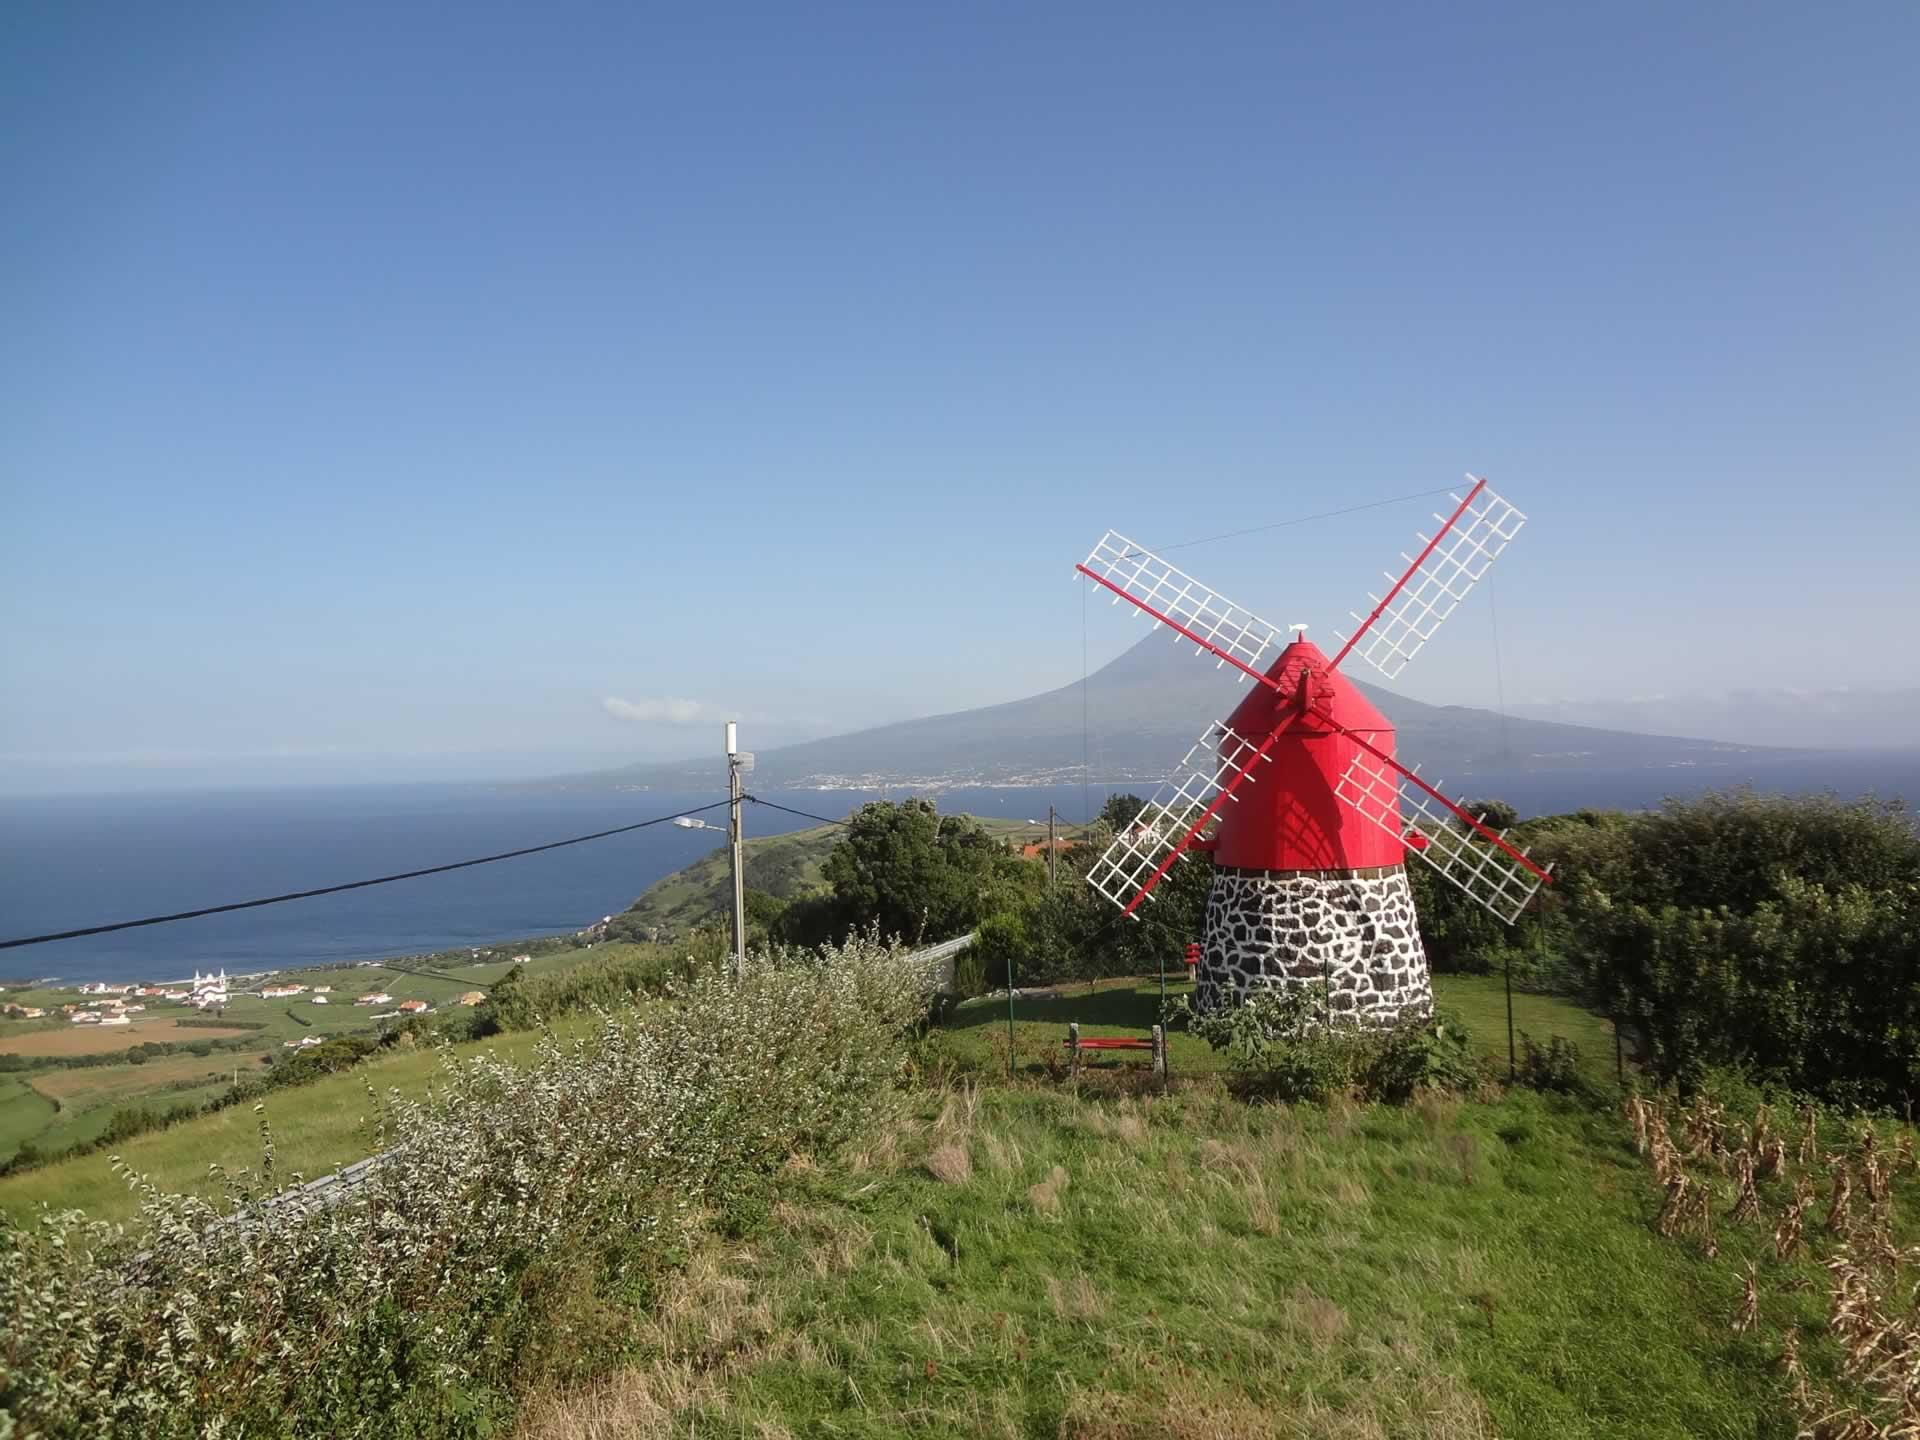 Circuit aux Açores, Le circuit des 3 îles en 8 jours, São Miguel, Faial, Pico